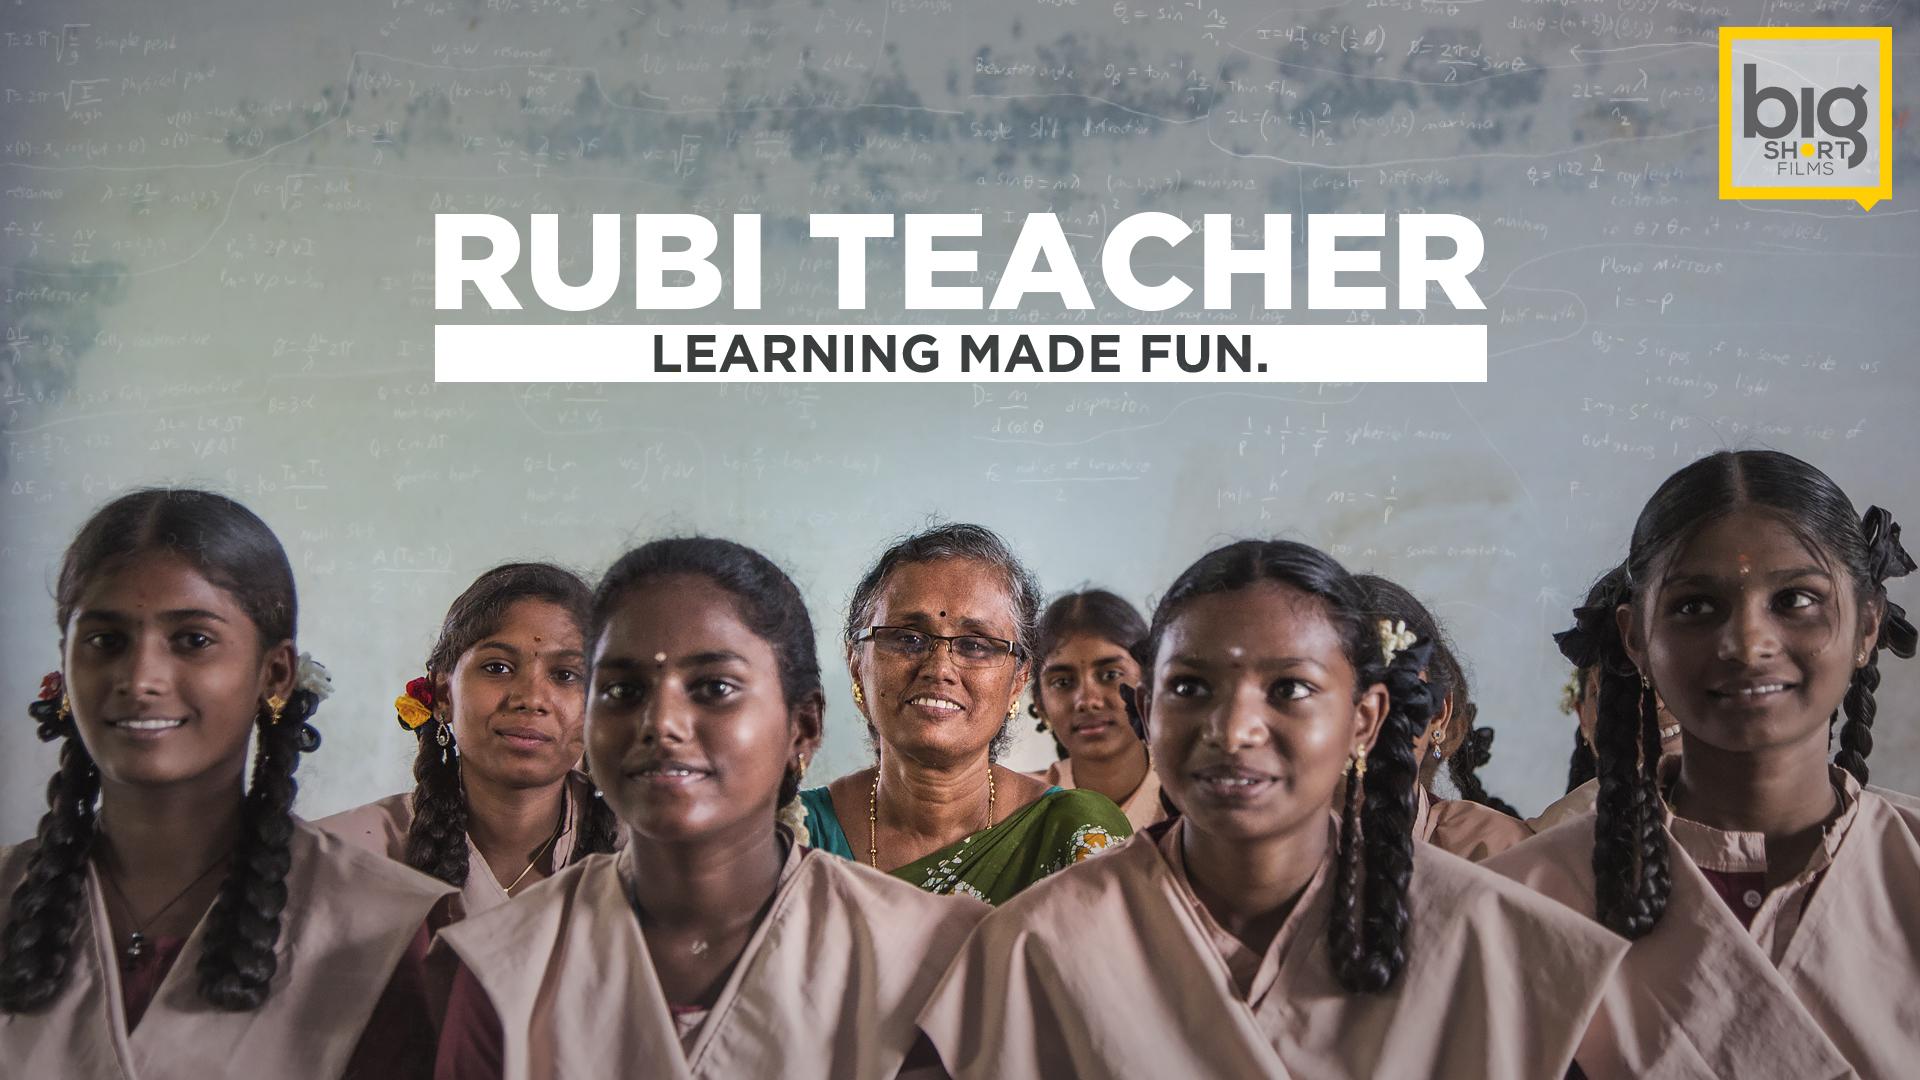 Rubi-Teacher-Poster